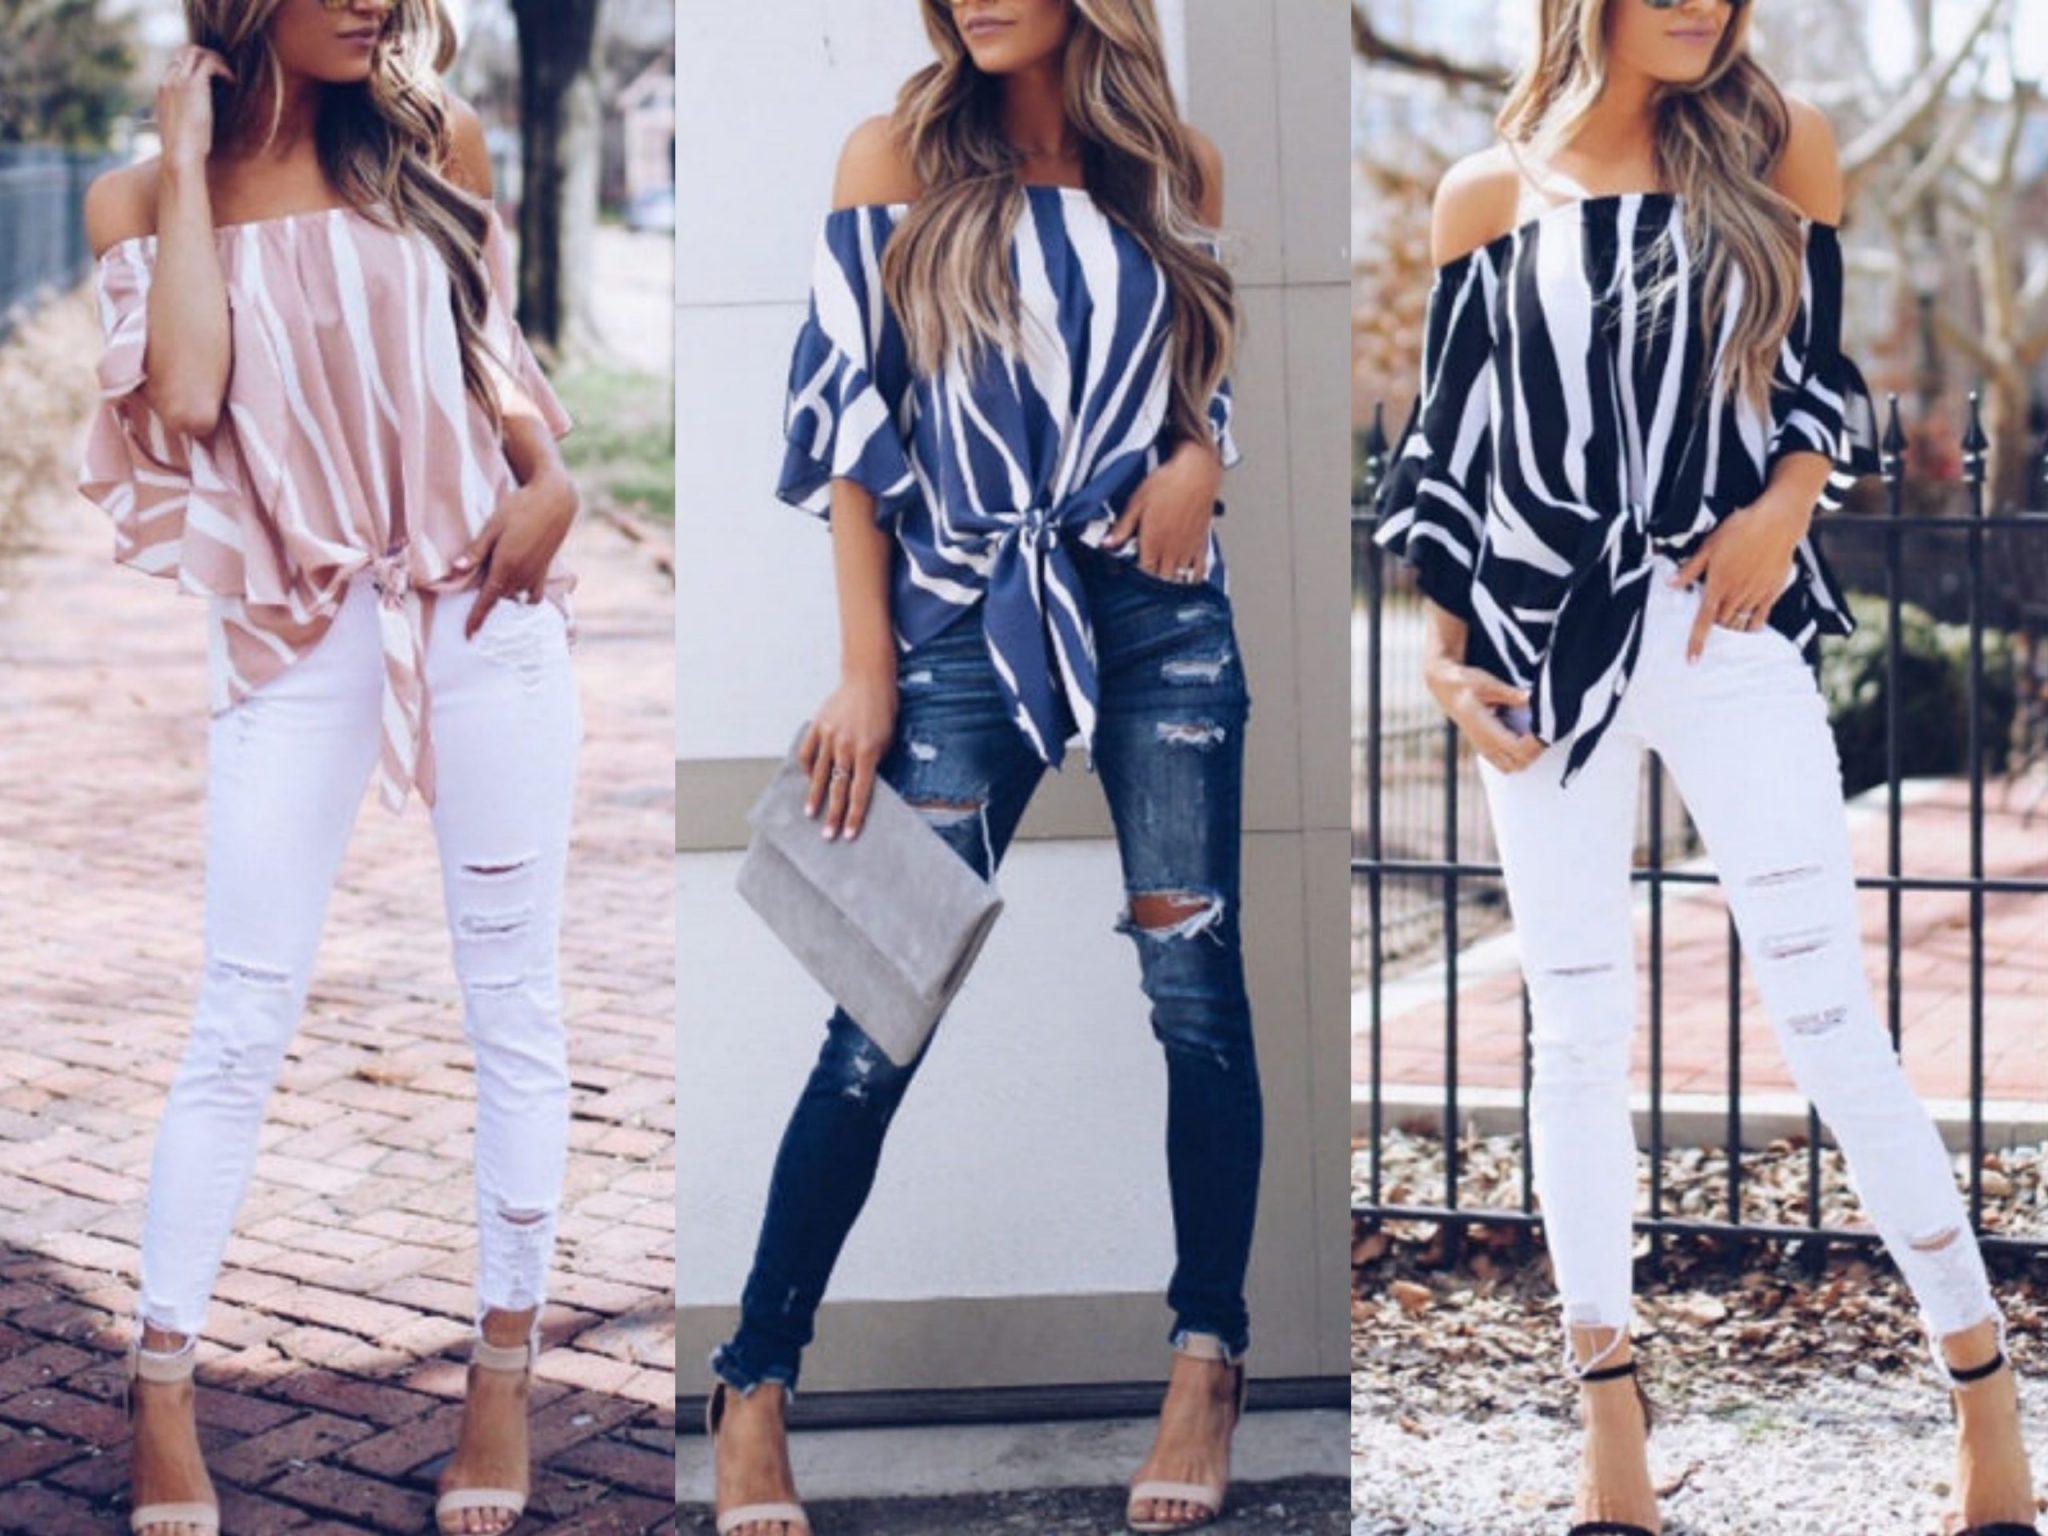 La primavera y Bellalike  te ponen guapa con sus diseños refrescantes de moda 3